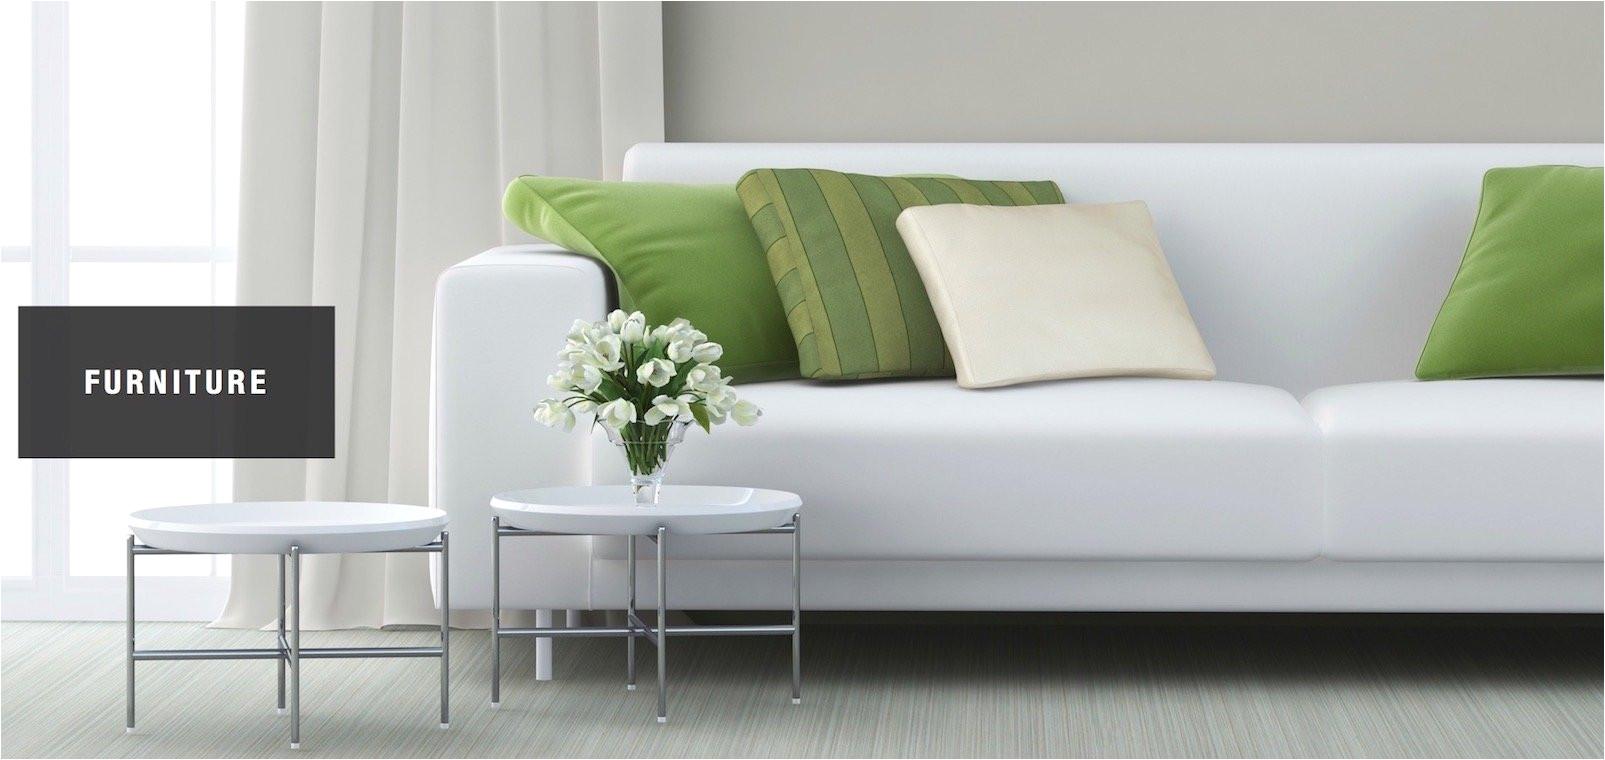 furniture lawton ok bradys design center